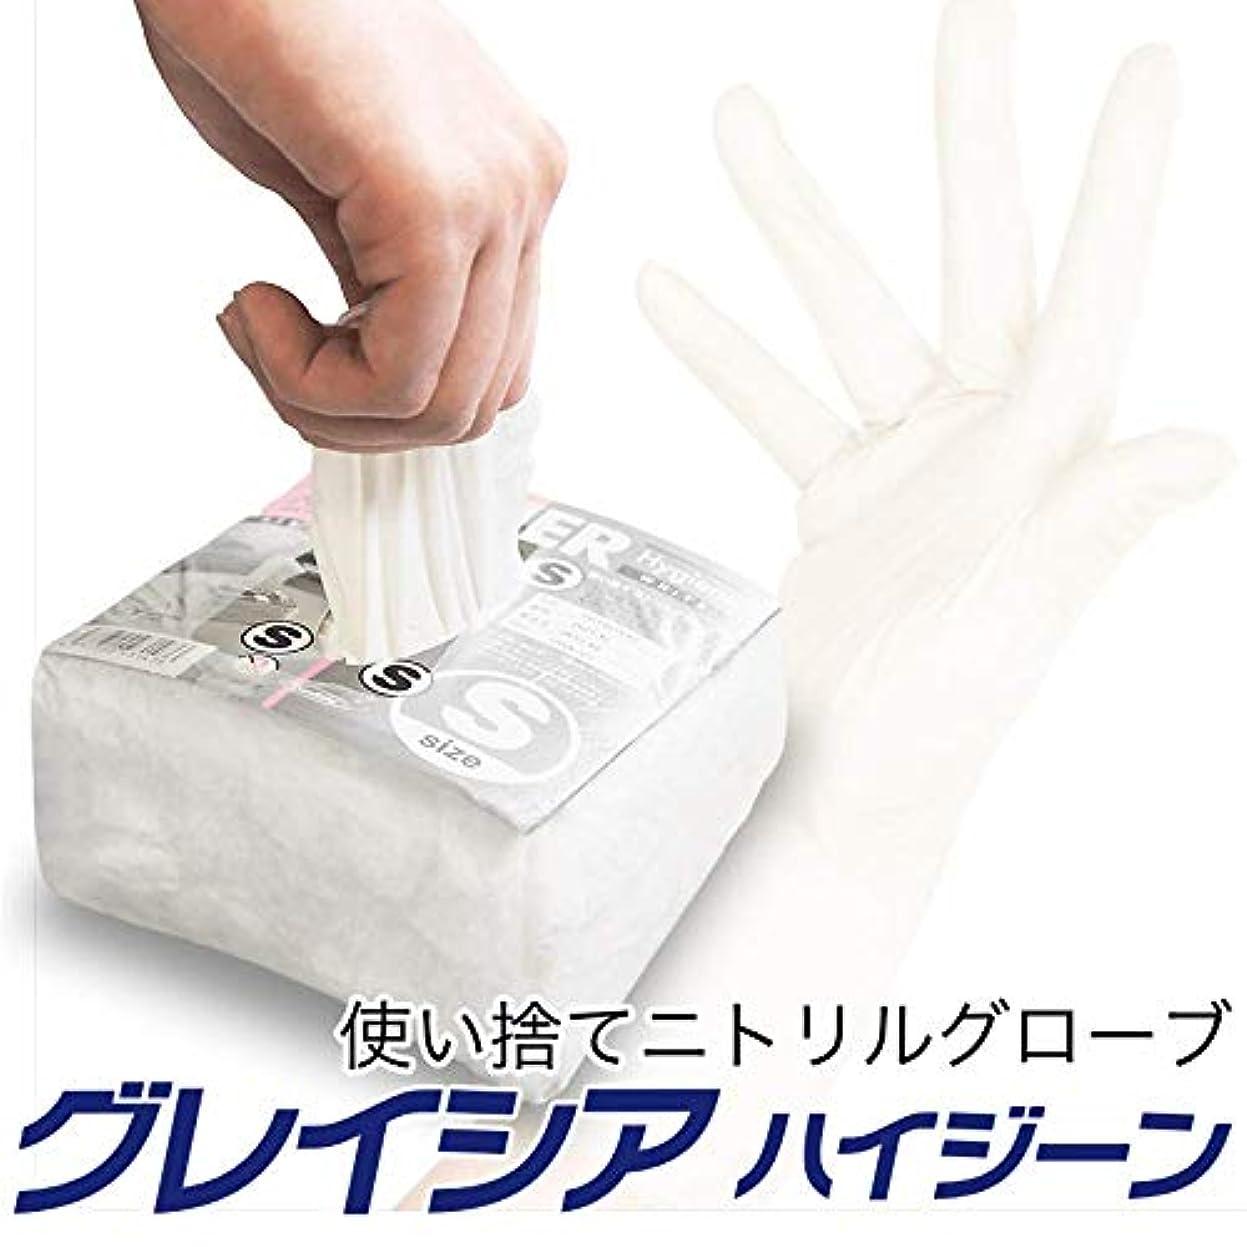 トラフィック溶融朝モレーンコーポレーション 使い捨てニトリルグローブ グレイシアハイジーン ホワイト 125枚/パック